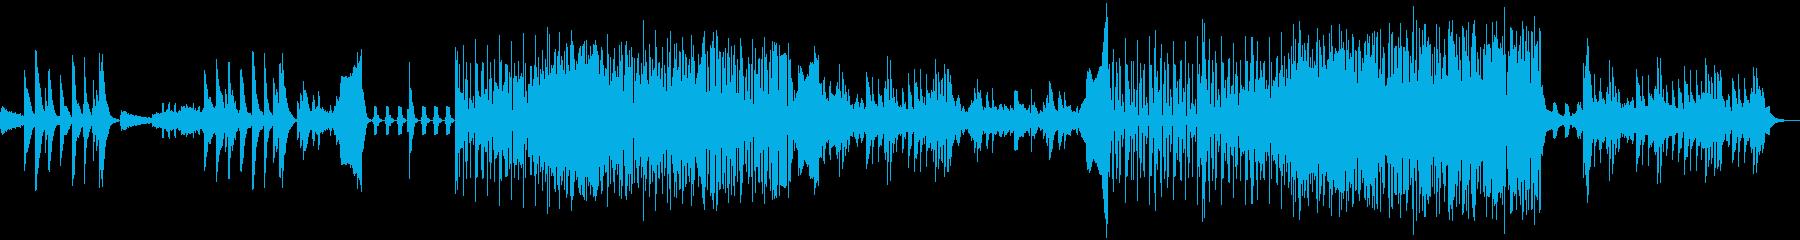 静か、優しい、エレクトロニカの再生済みの波形